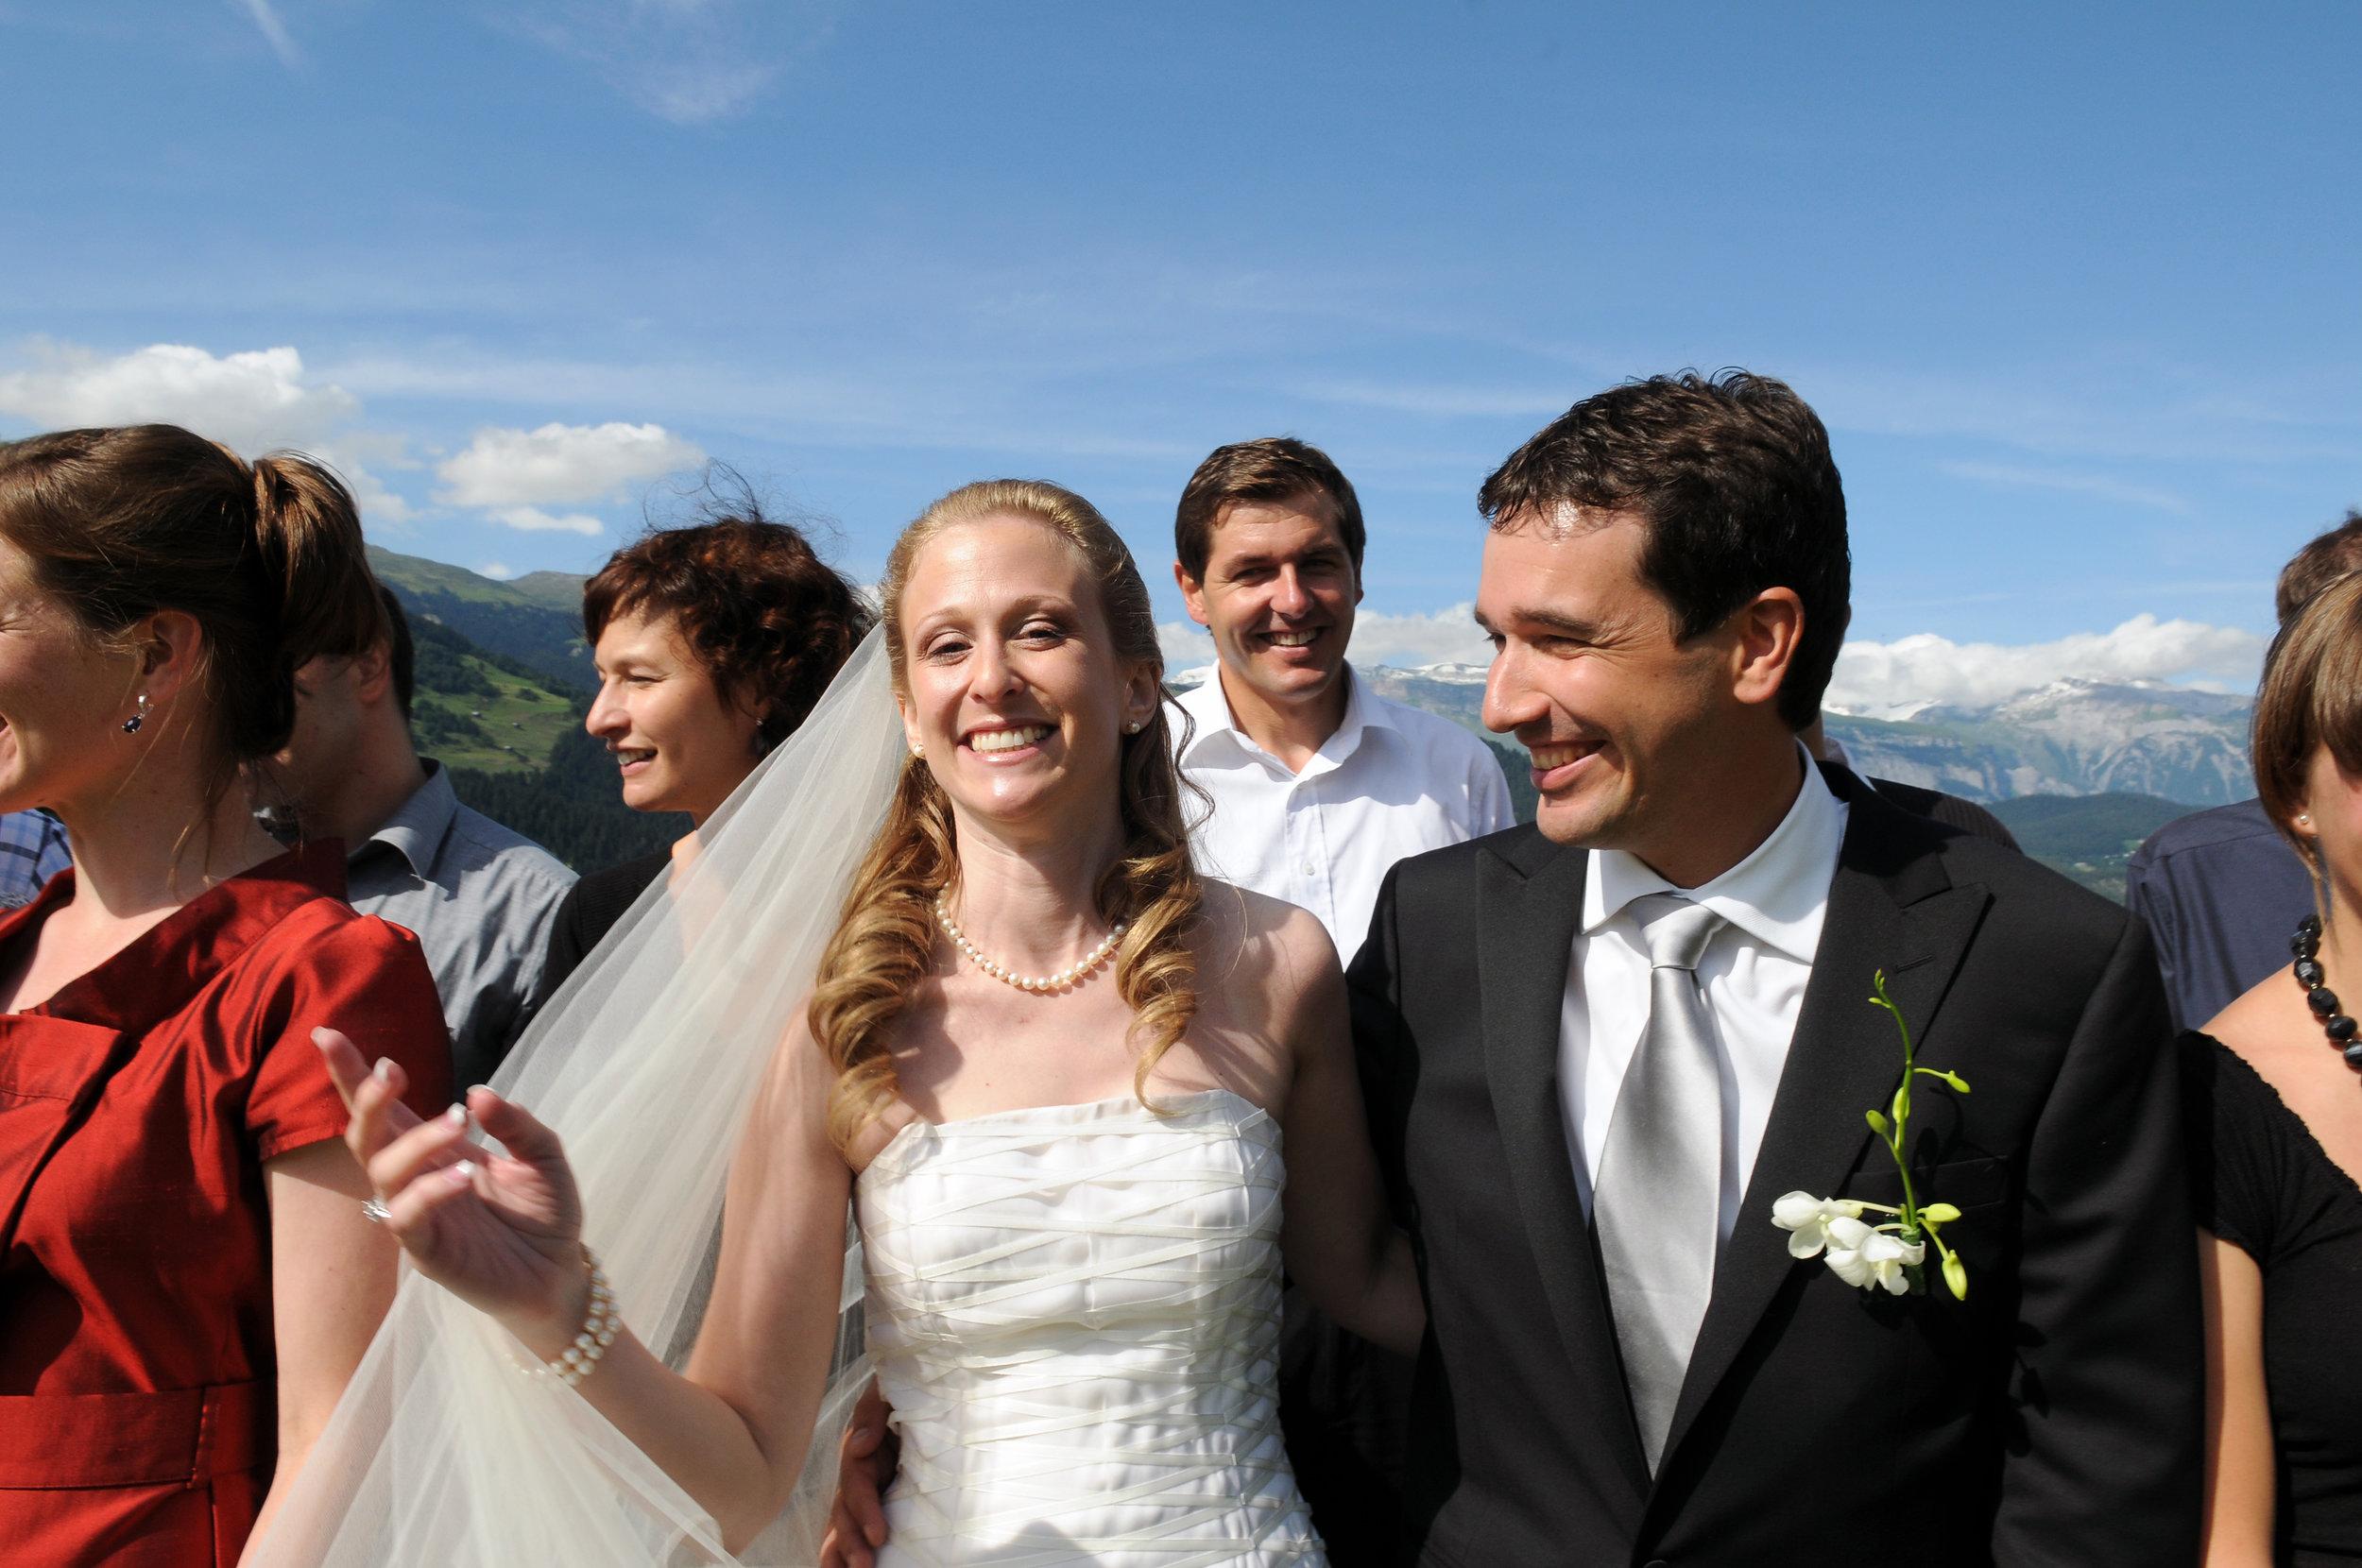 Flims, Graubünden